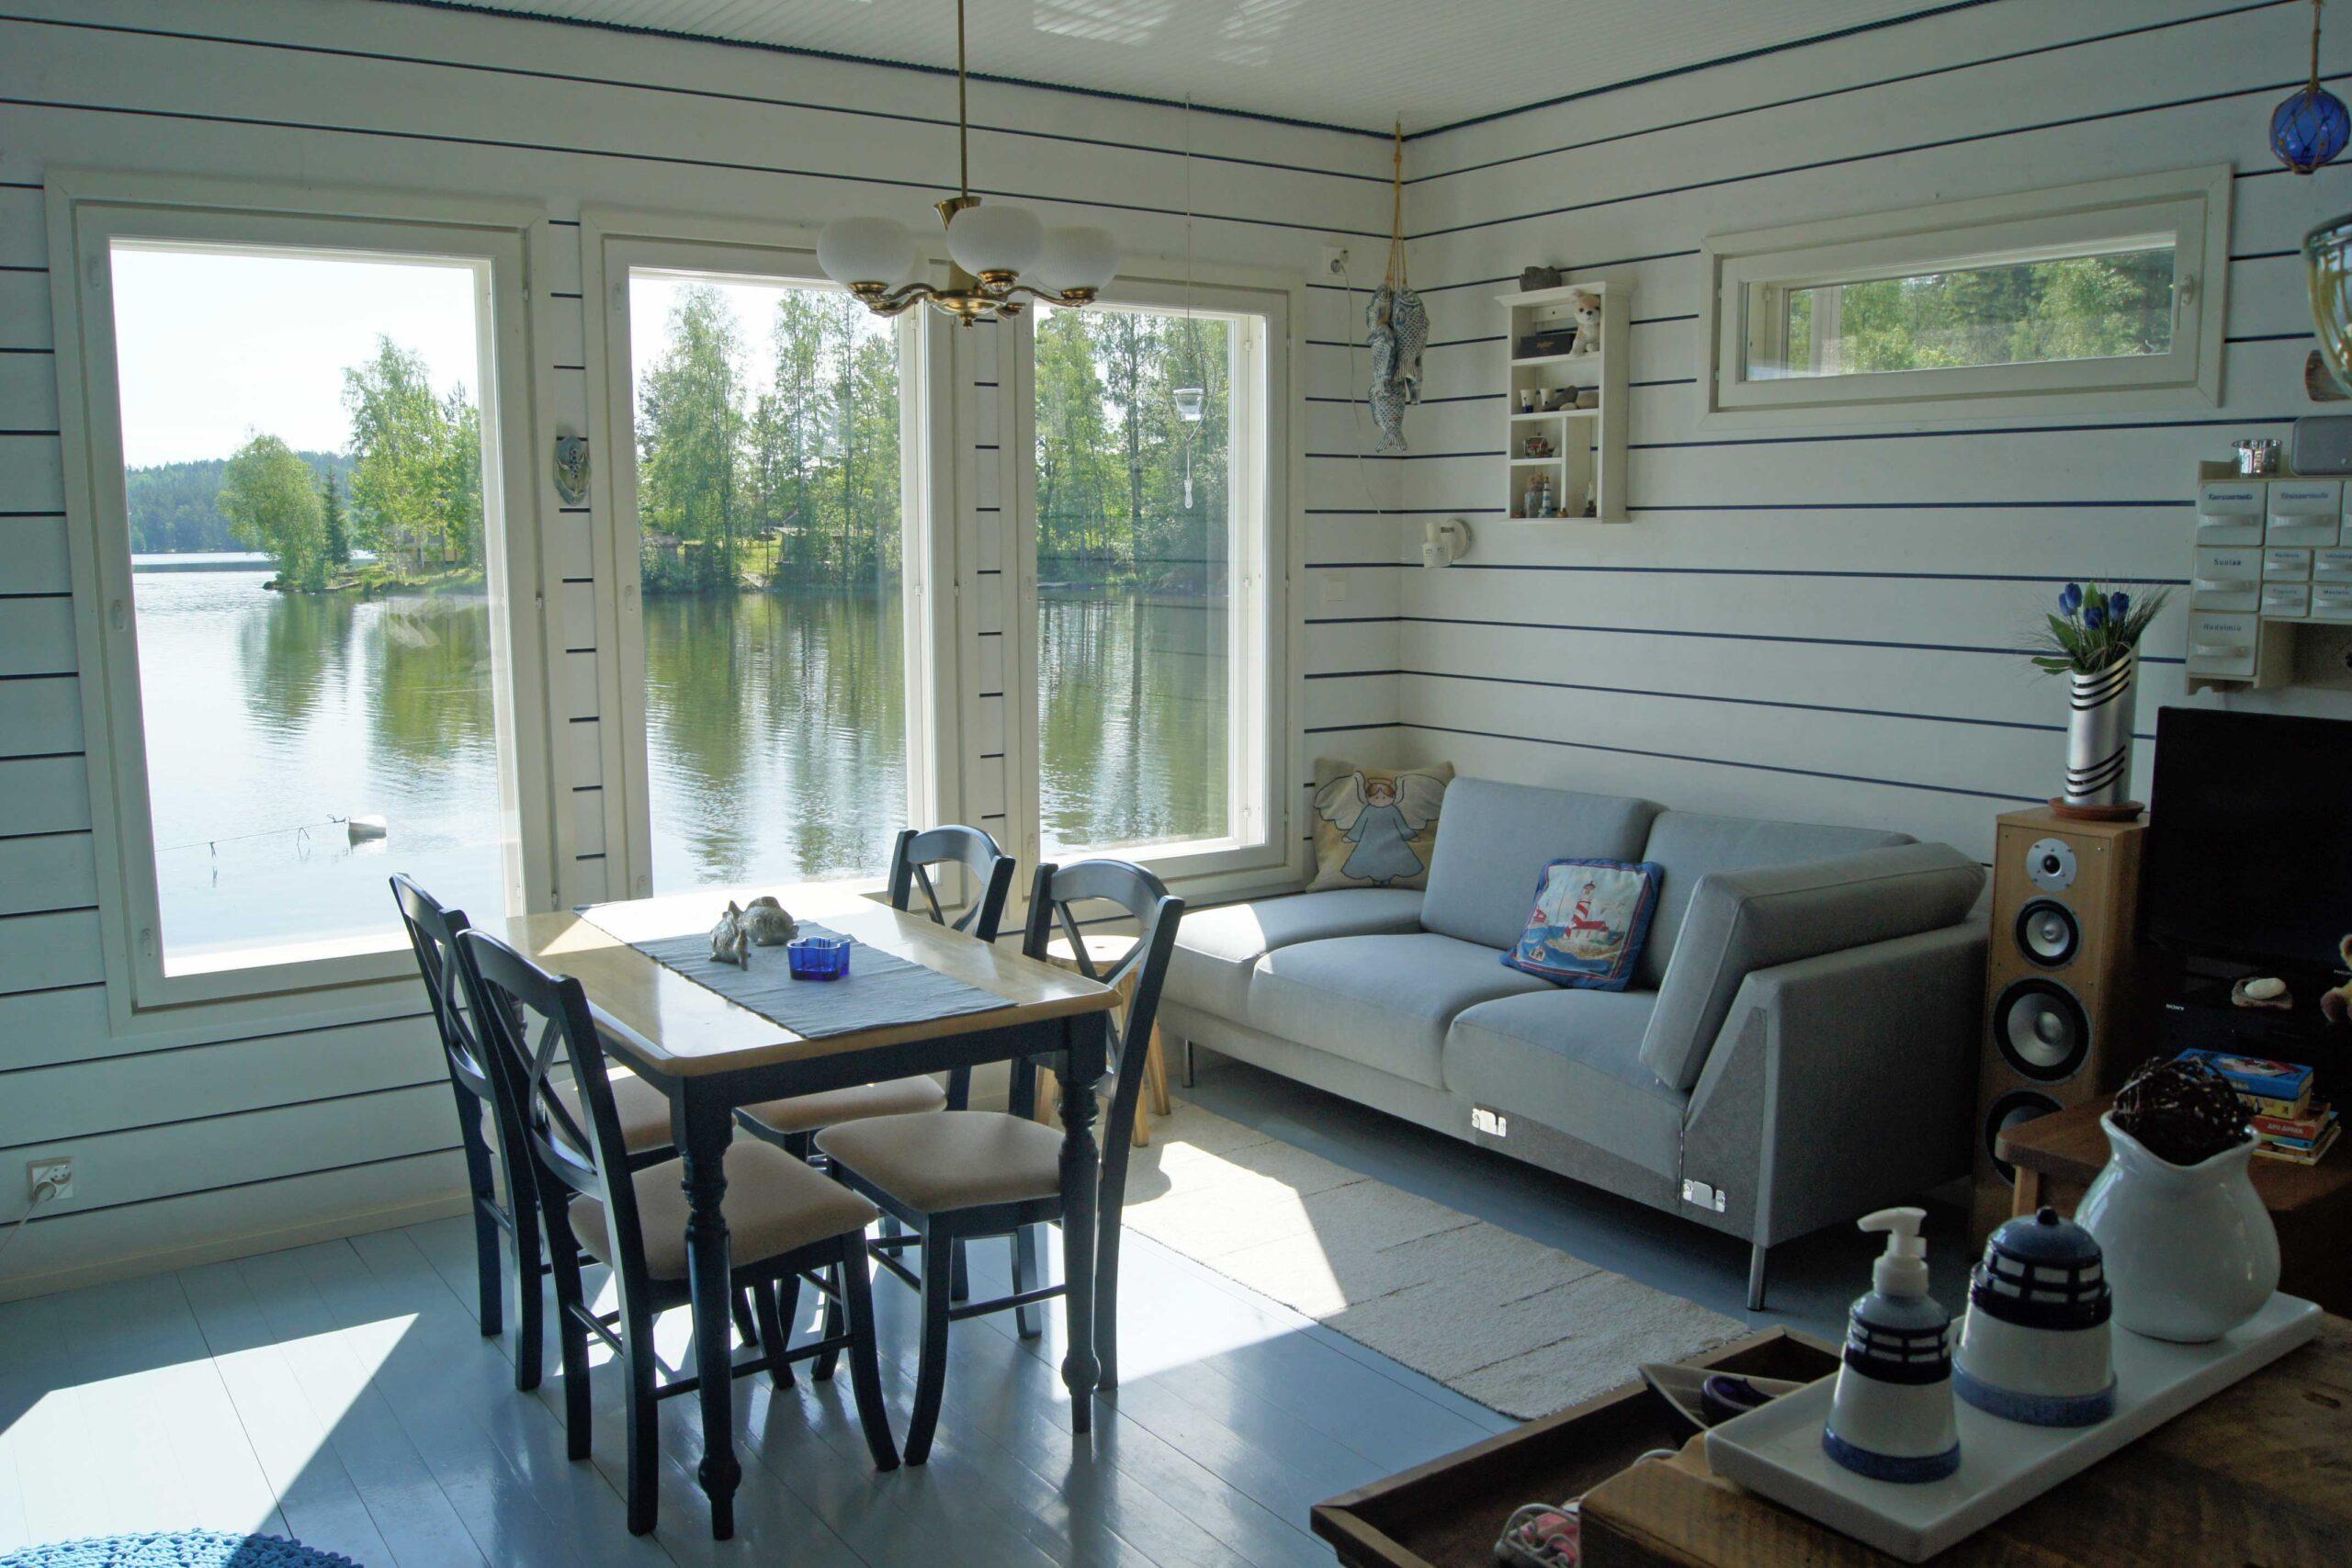 Lepoparkin mökissä on vaalea sisustus ja järvelle aukeavat ikkunat.